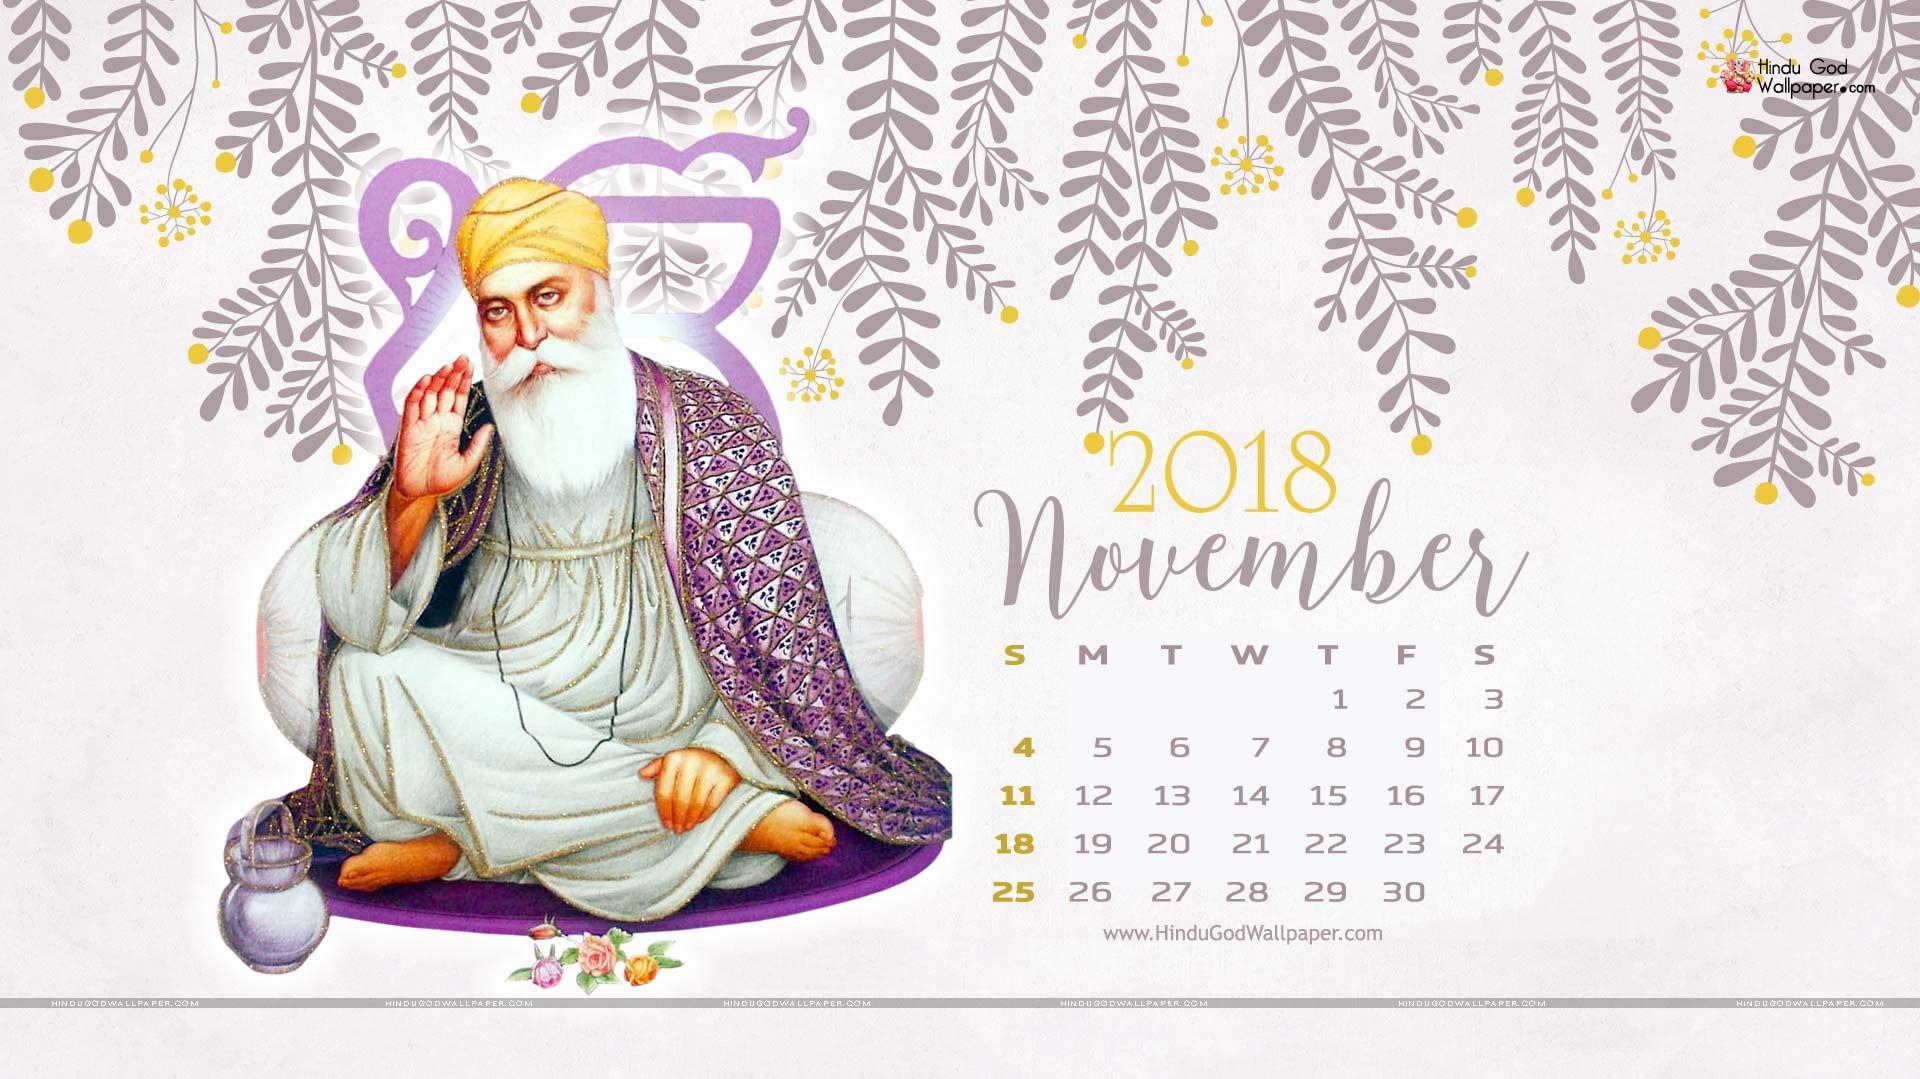 November 2018 Desktop Calendar Wallpaper Hd Background